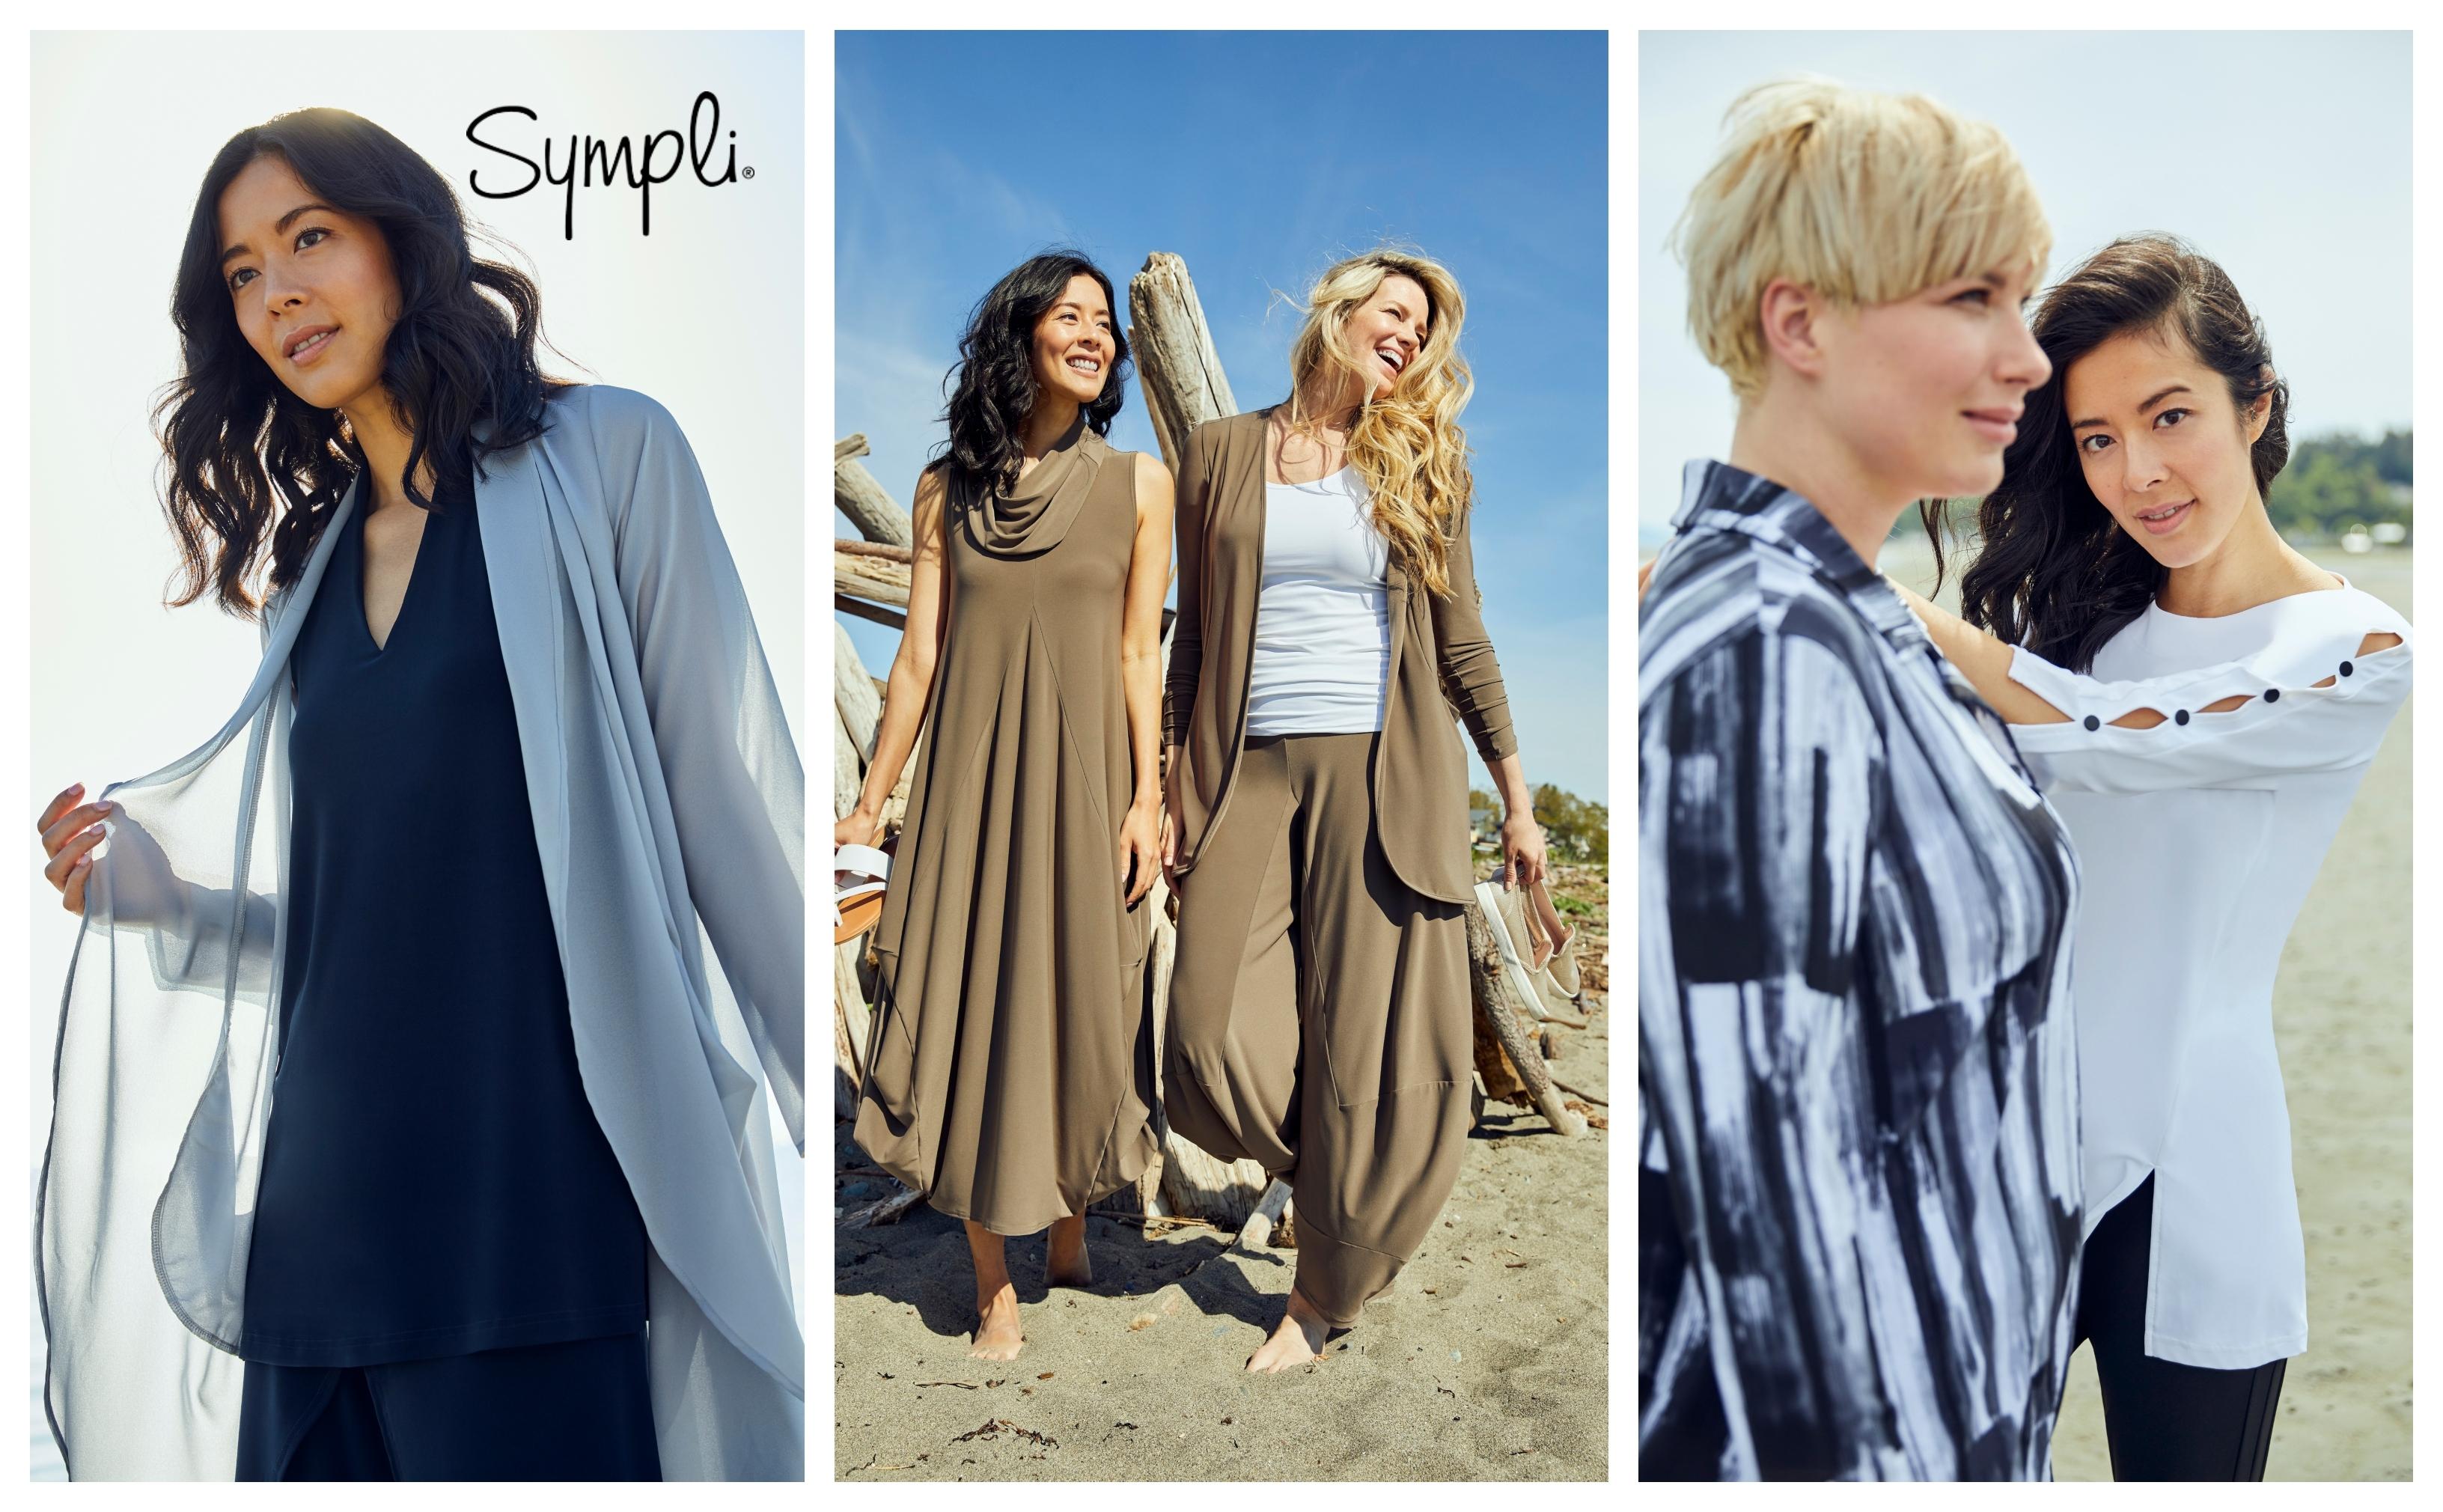 sympli-spring-cover-1-1-.jpg